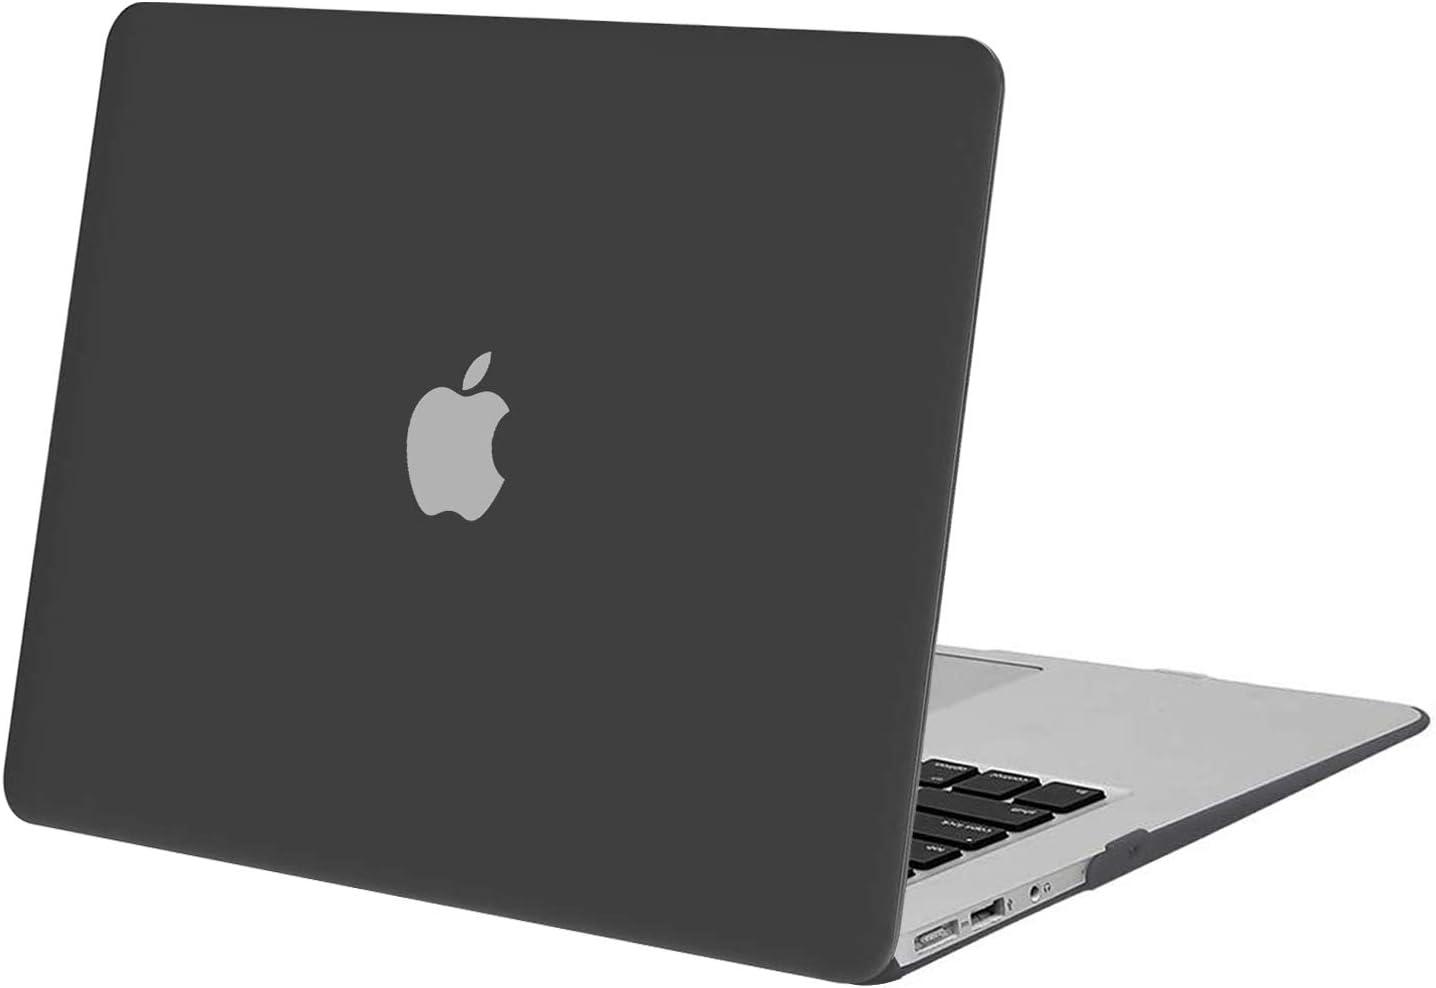 MOSISO Funda Dura Compatible con MacBook Air 13 Pulgadas (A1369 / A1466, Versión 2010-2017), Ultra Delgado Carcasa Rígida Protector de Plástico Cubierta, Gris Espacial